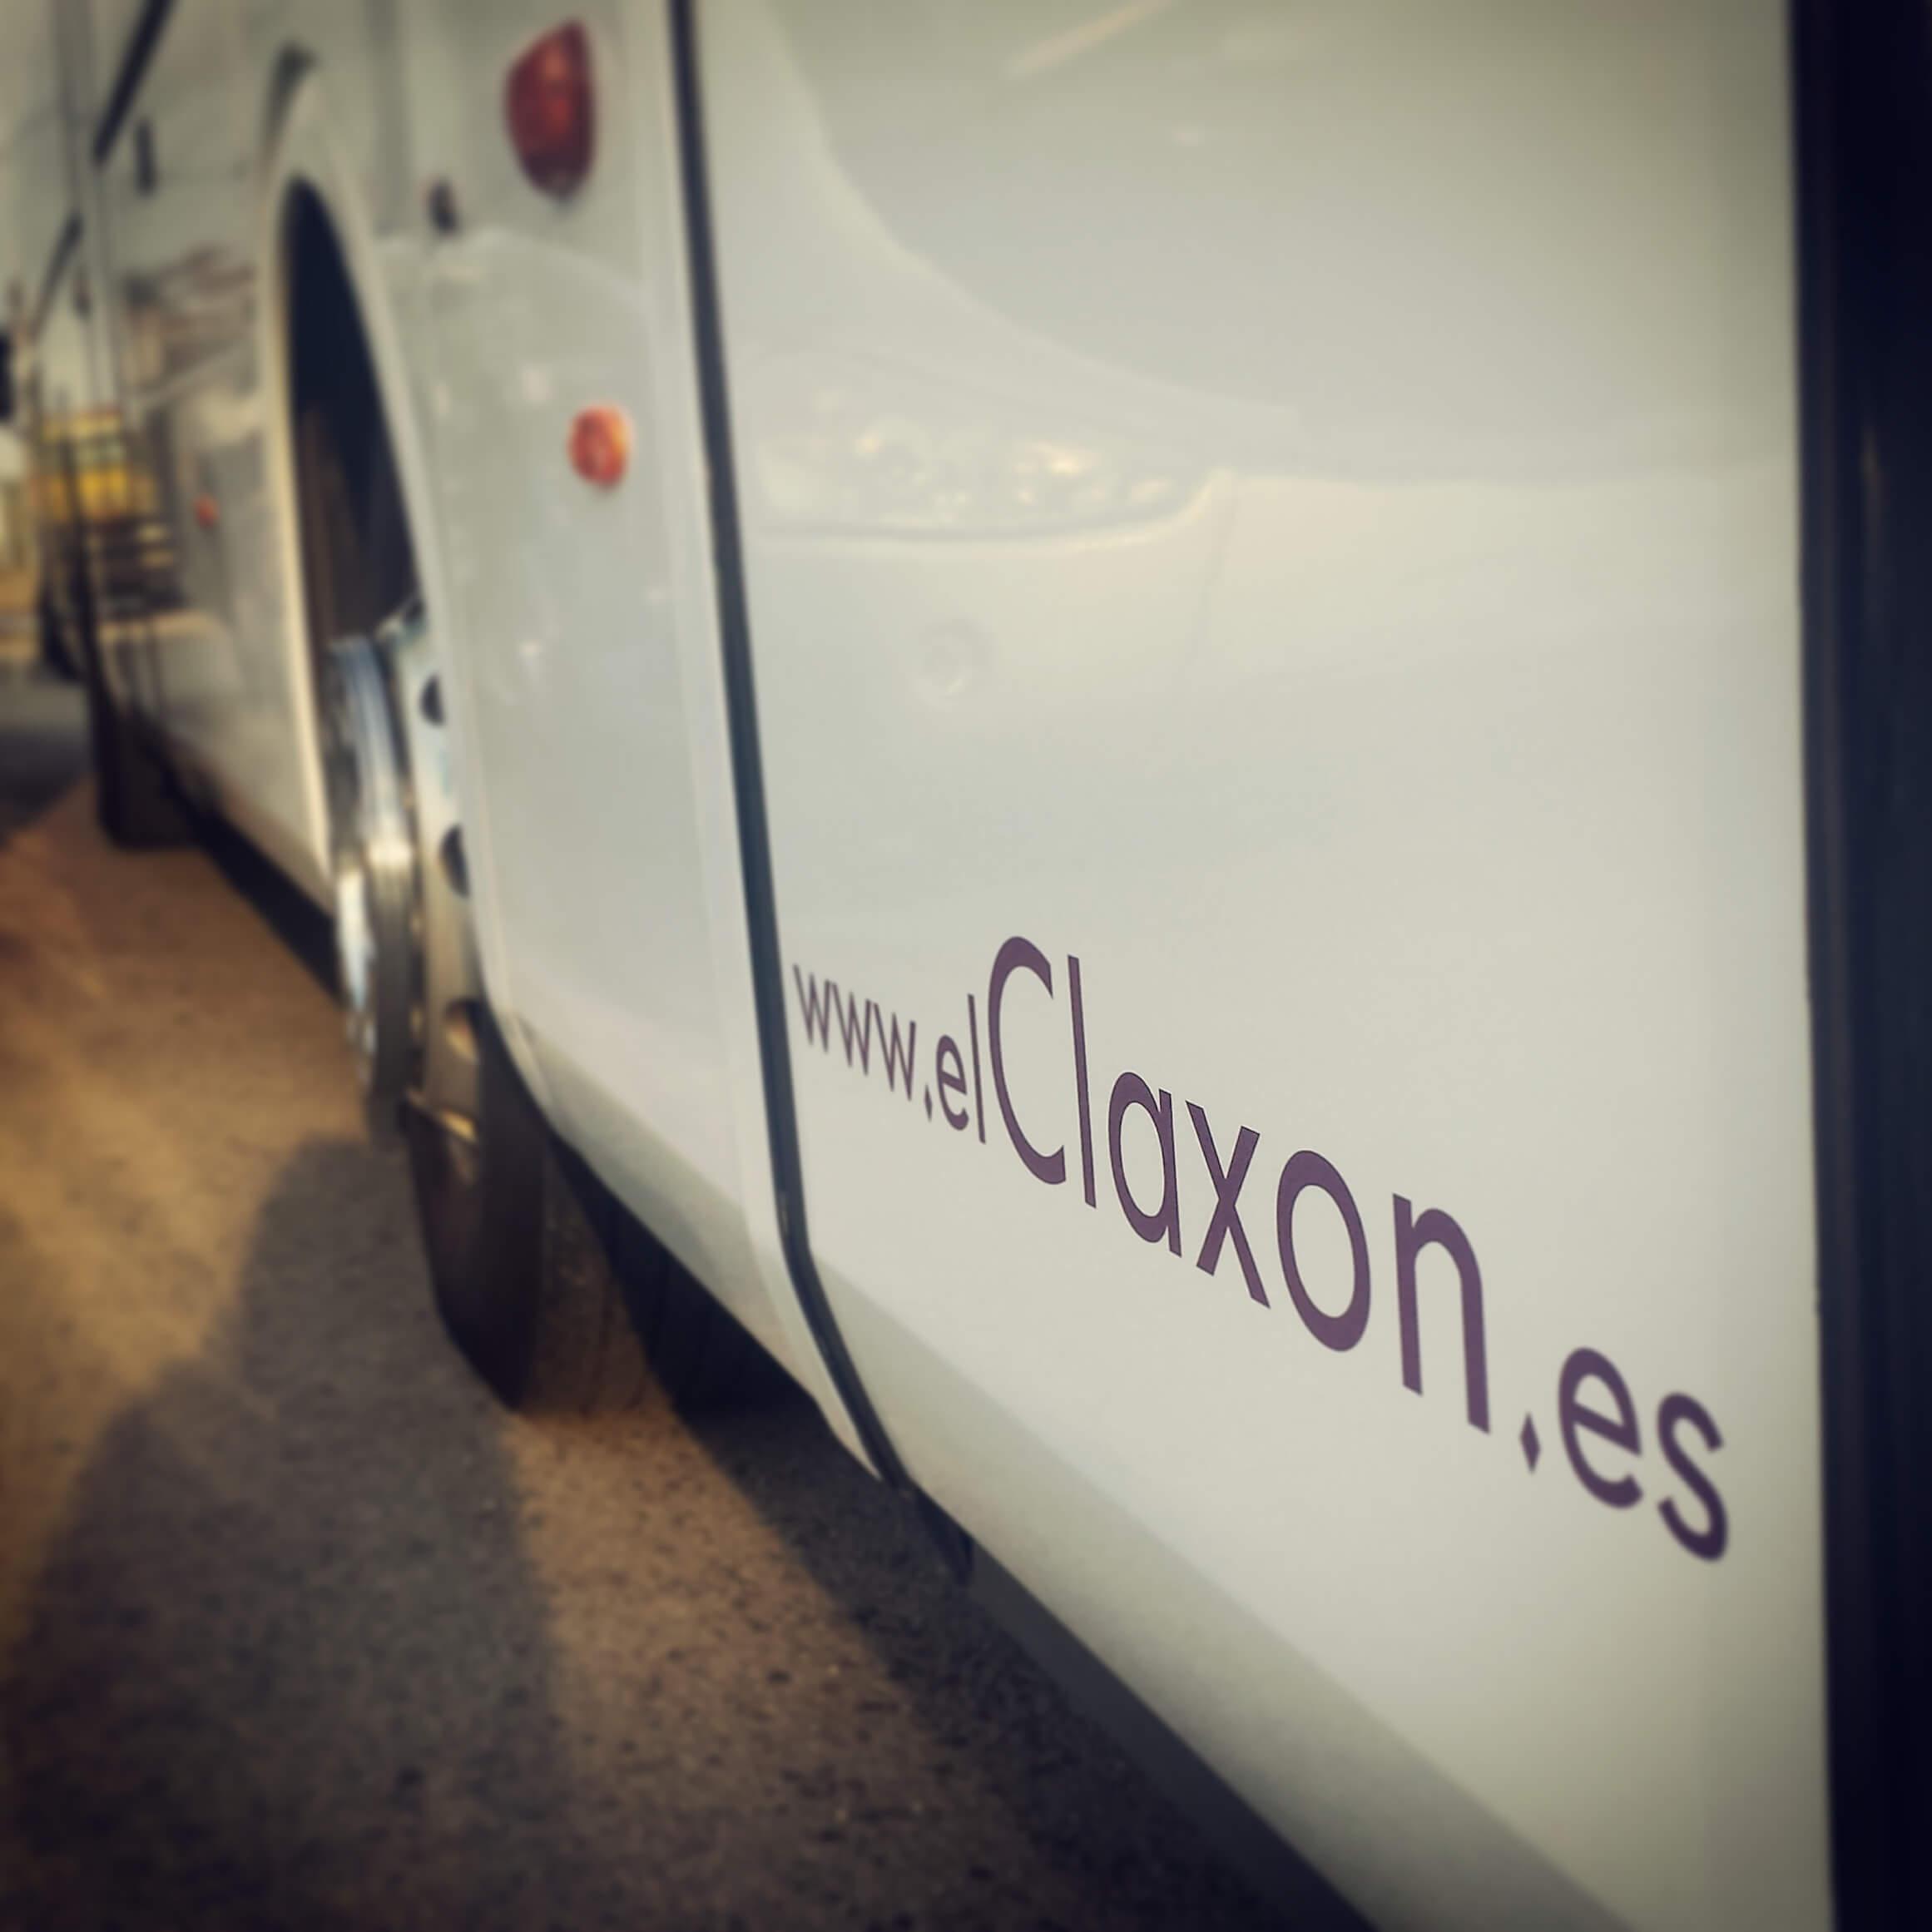 Autocar elClaxon exterior mail puerta Barcelona